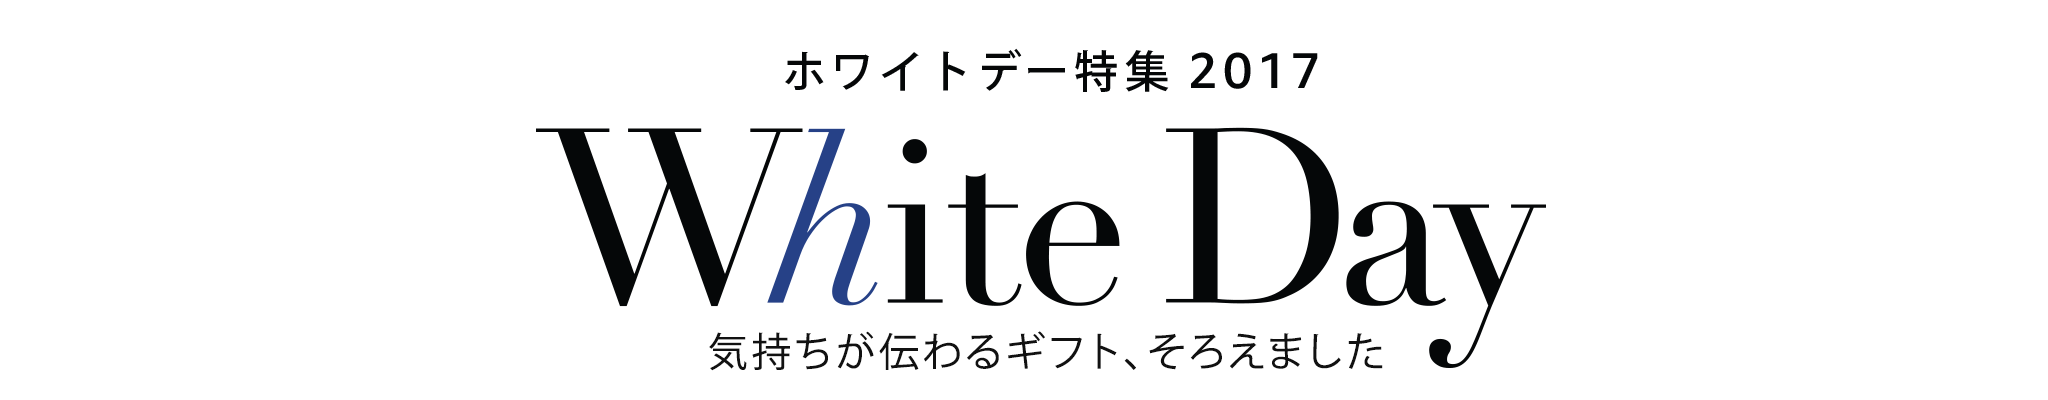 ホワイトデー お返し プレゼント ギフト特集